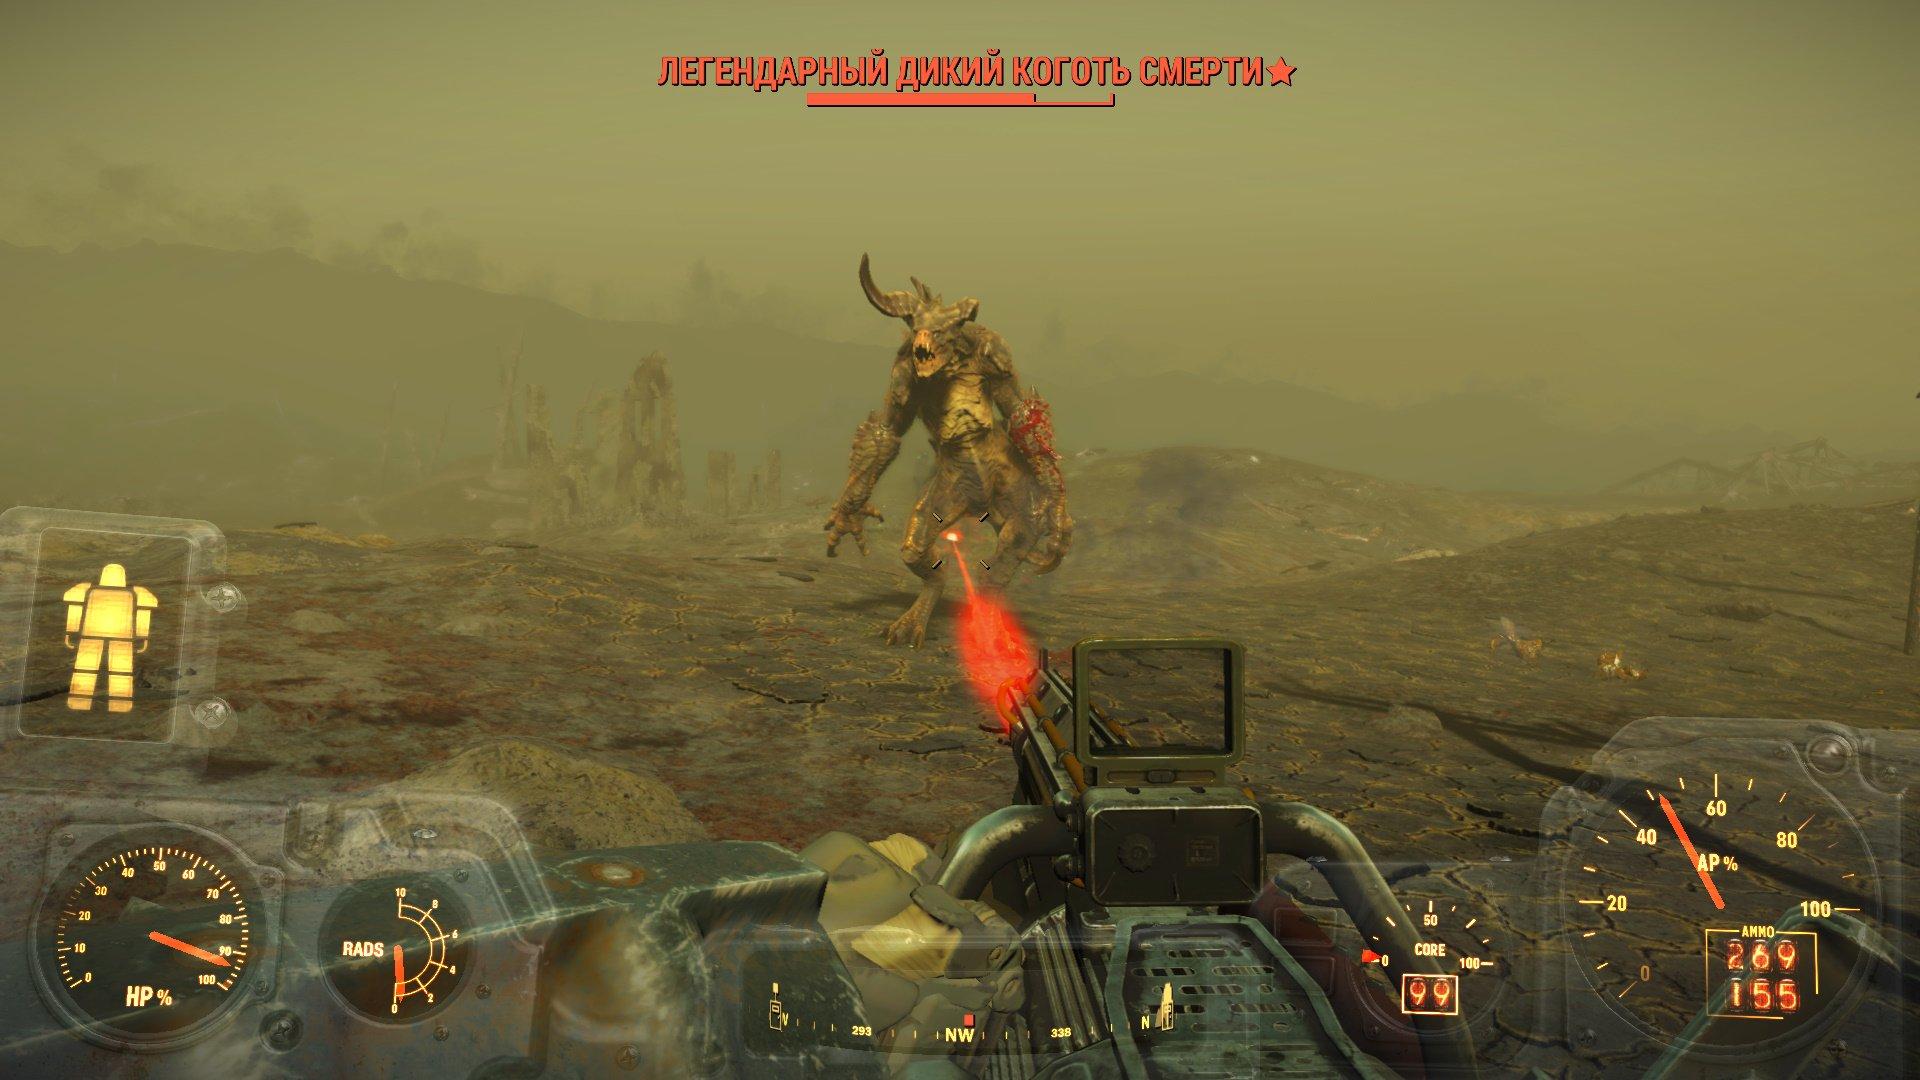 Сравнительный анализ (на самом деле нет) Fallout New Vegas vs. Fallout 4 (часть 1). - Изображение 12